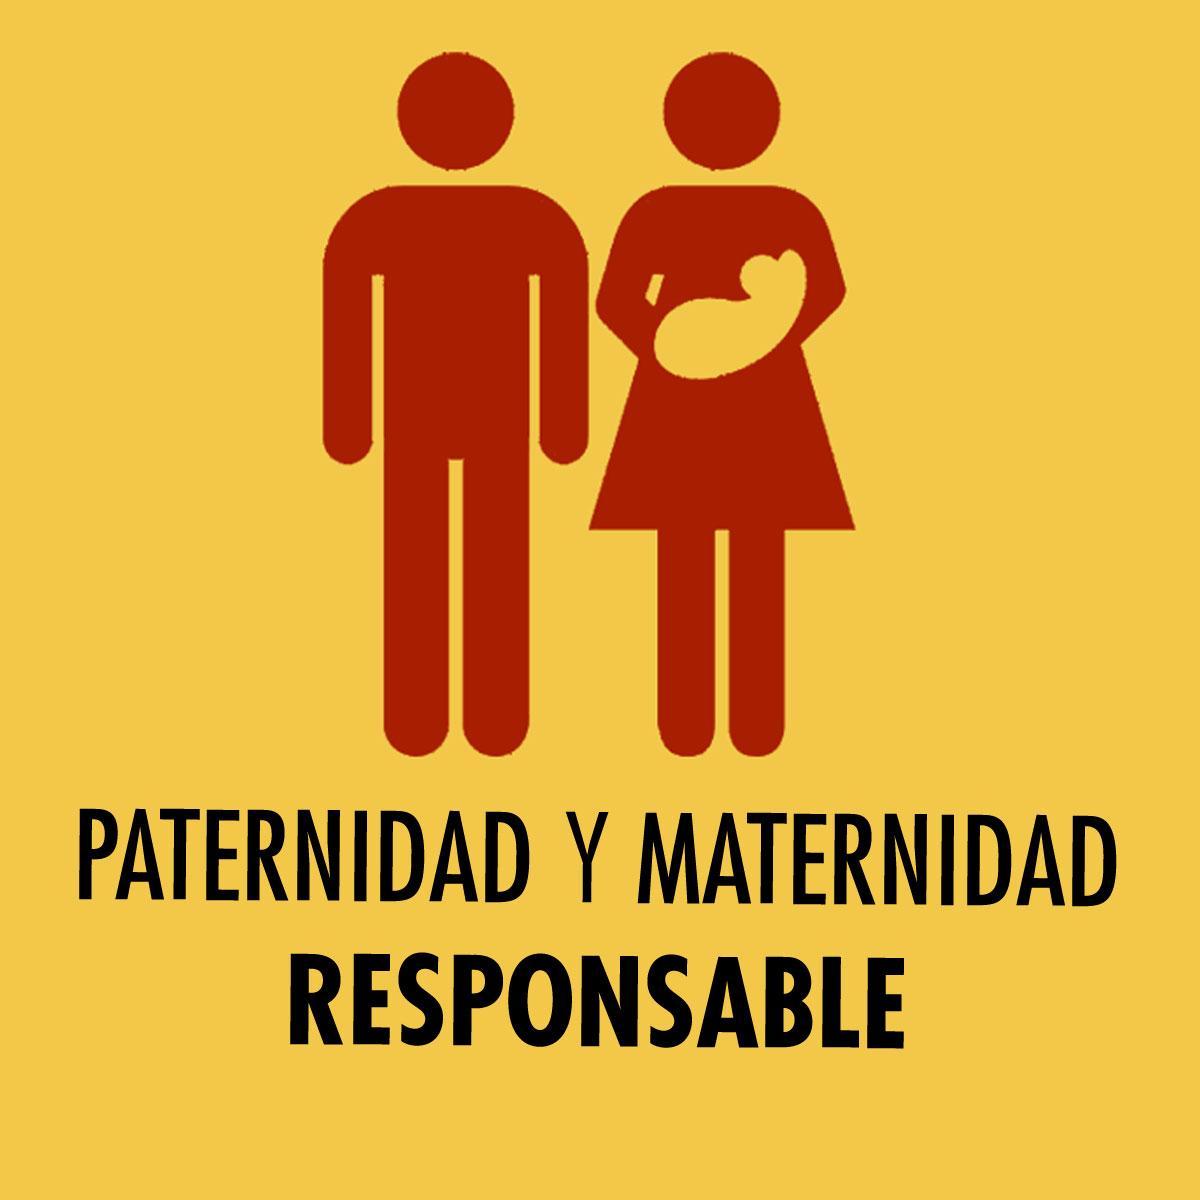 paternidad y maternidad responsable alguien